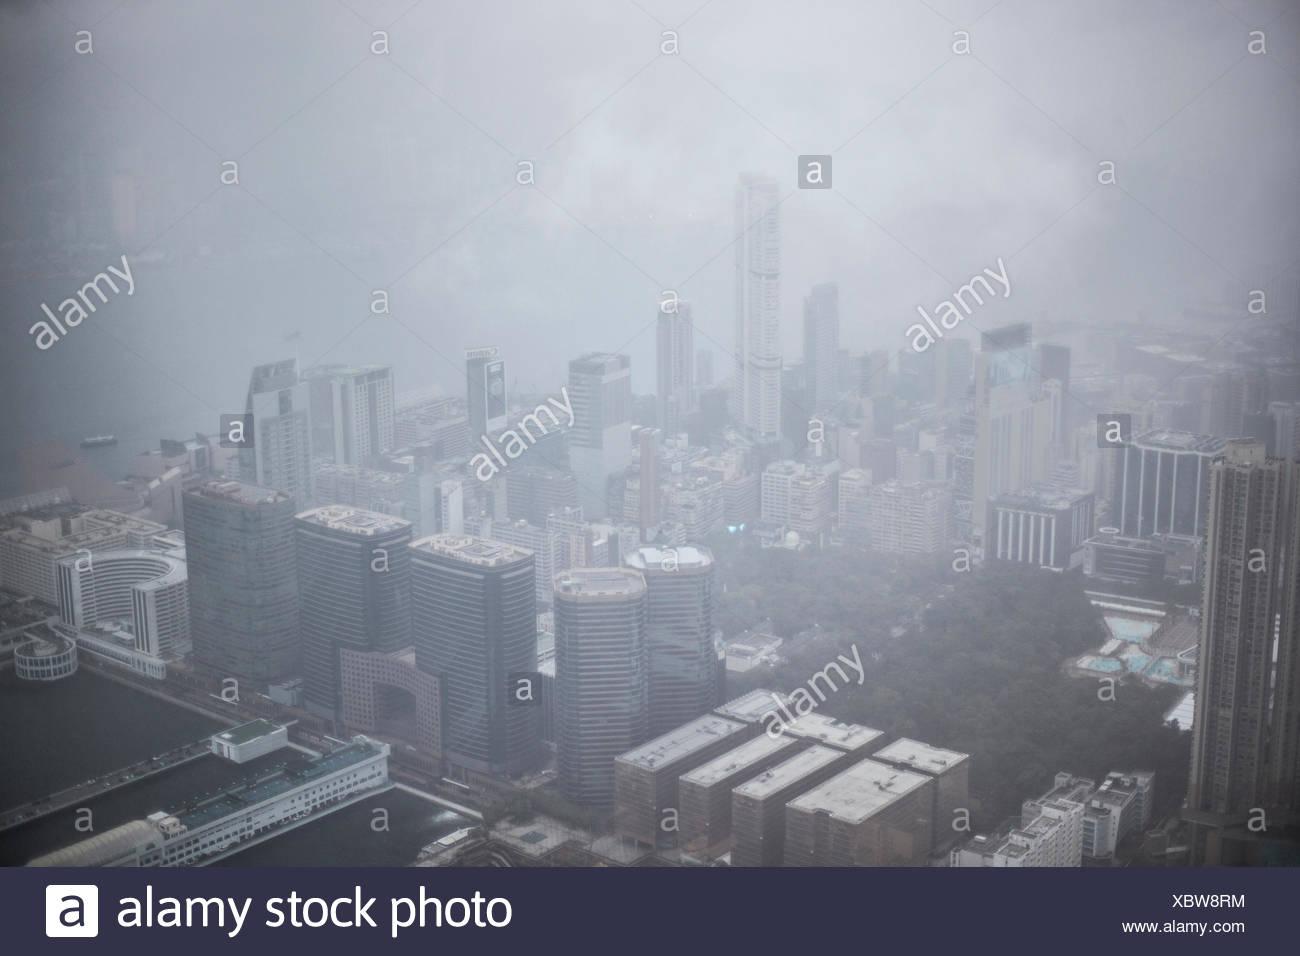 Hong Kong during a rainstorm - Stock Image